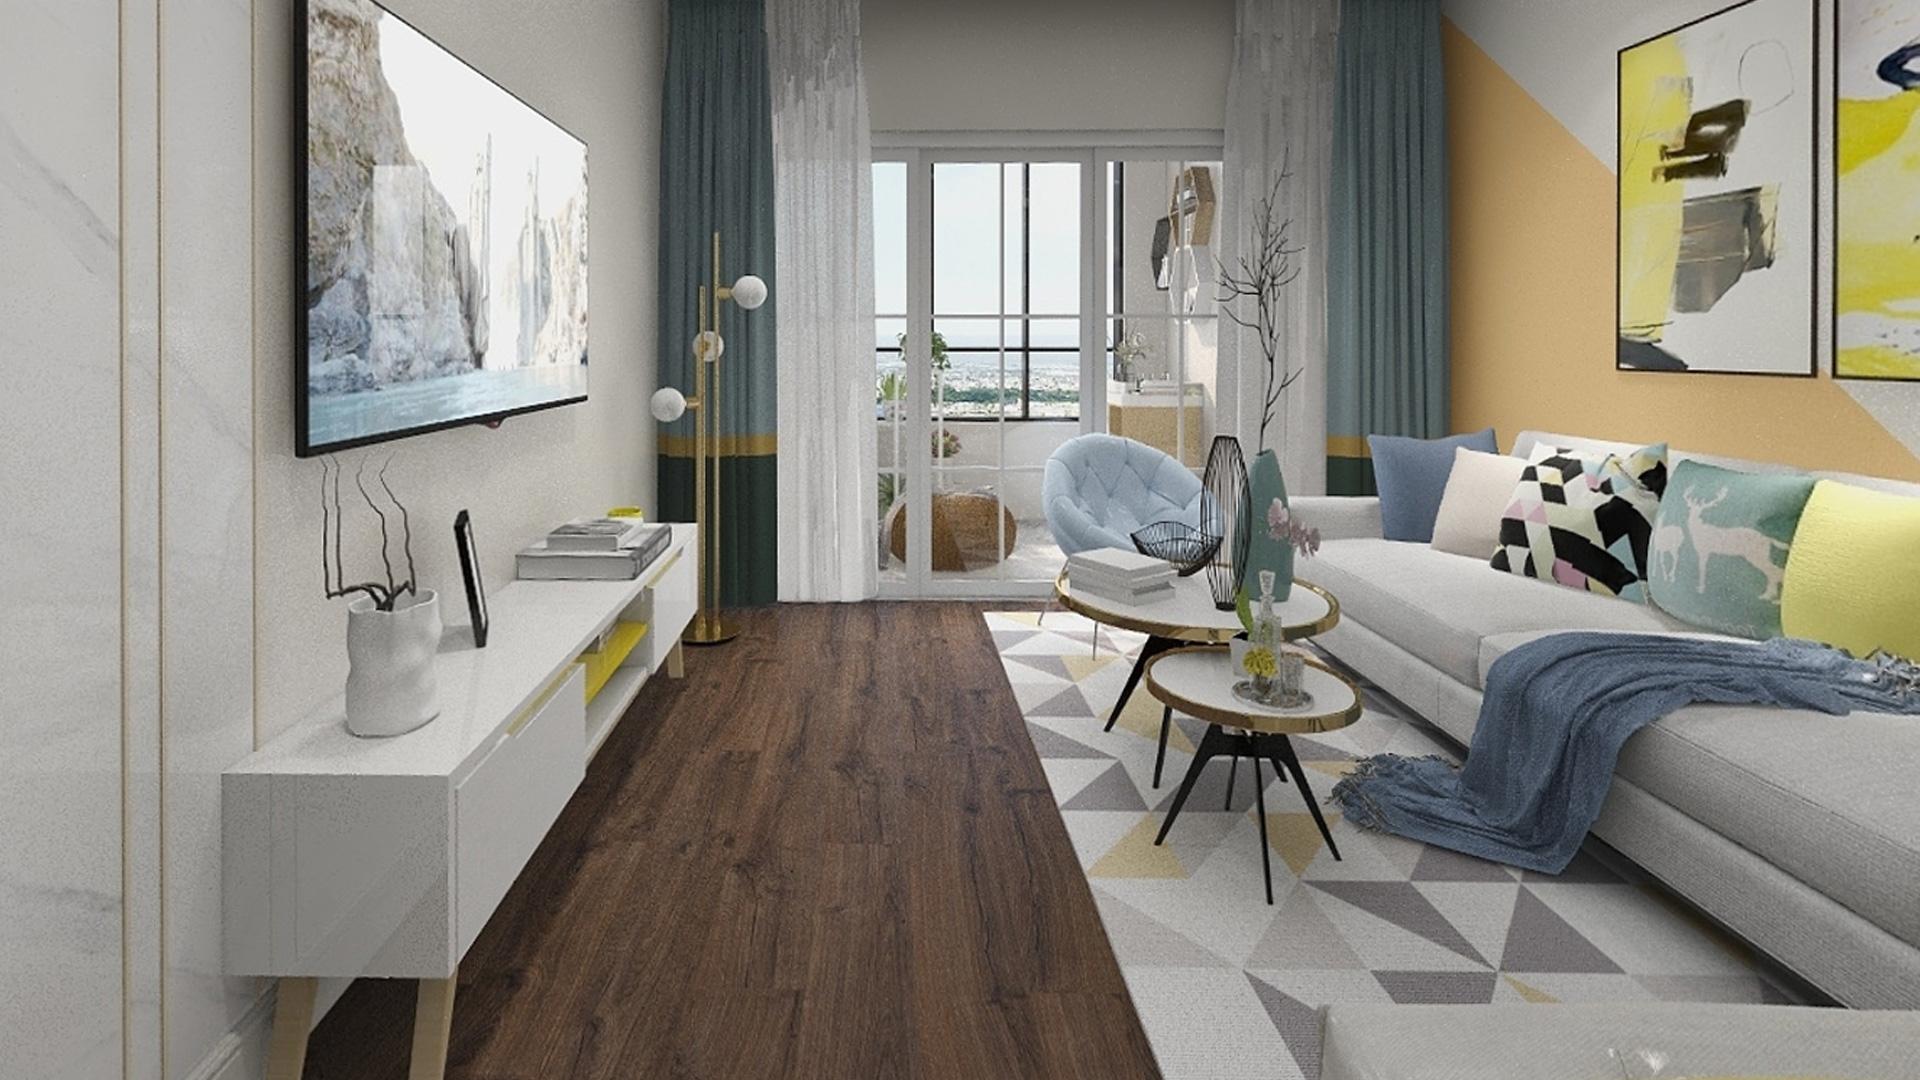 比利时QUICK-STEP艺术木地板,至臻系列 IM1849